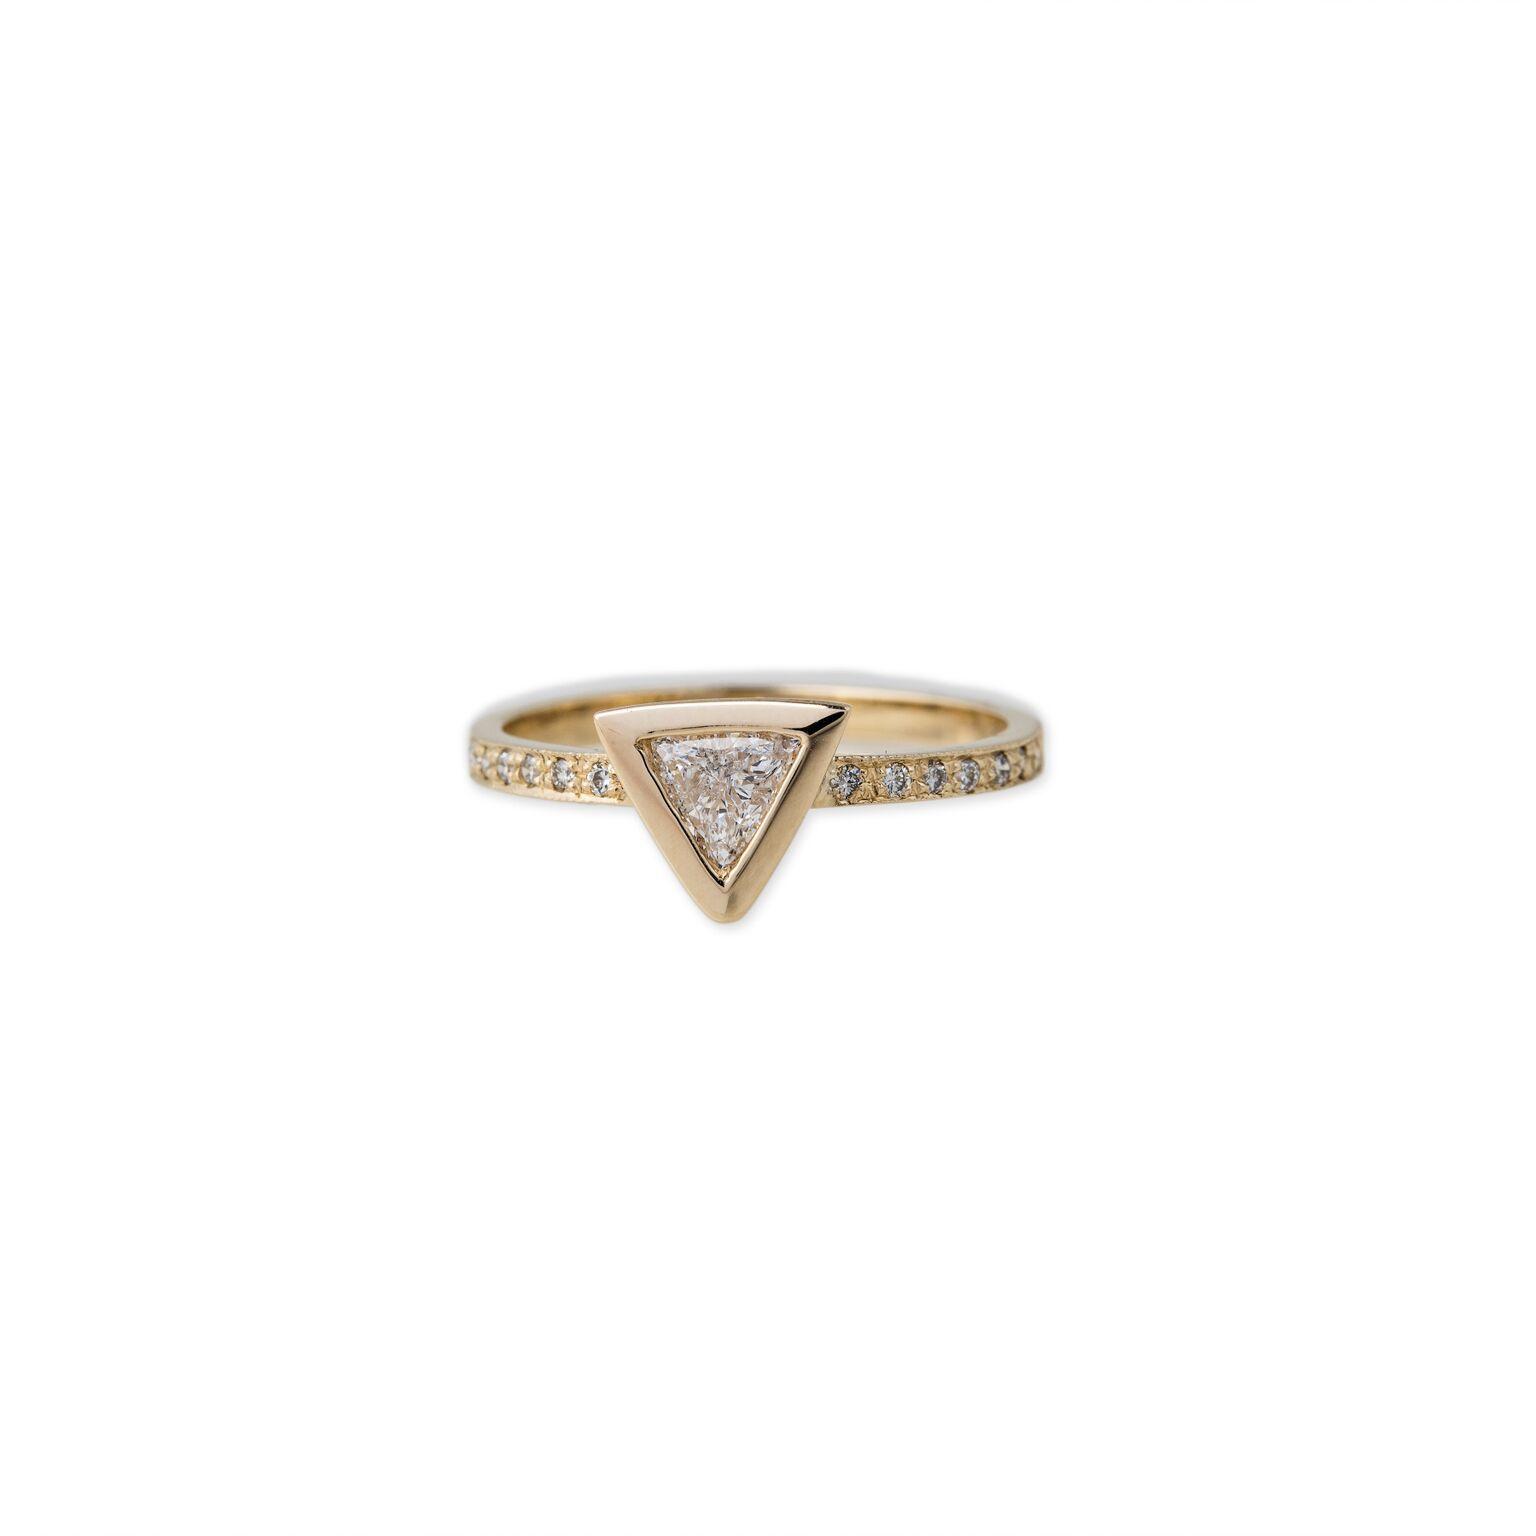 Jacquie Aiche Trillion Diamond Ring